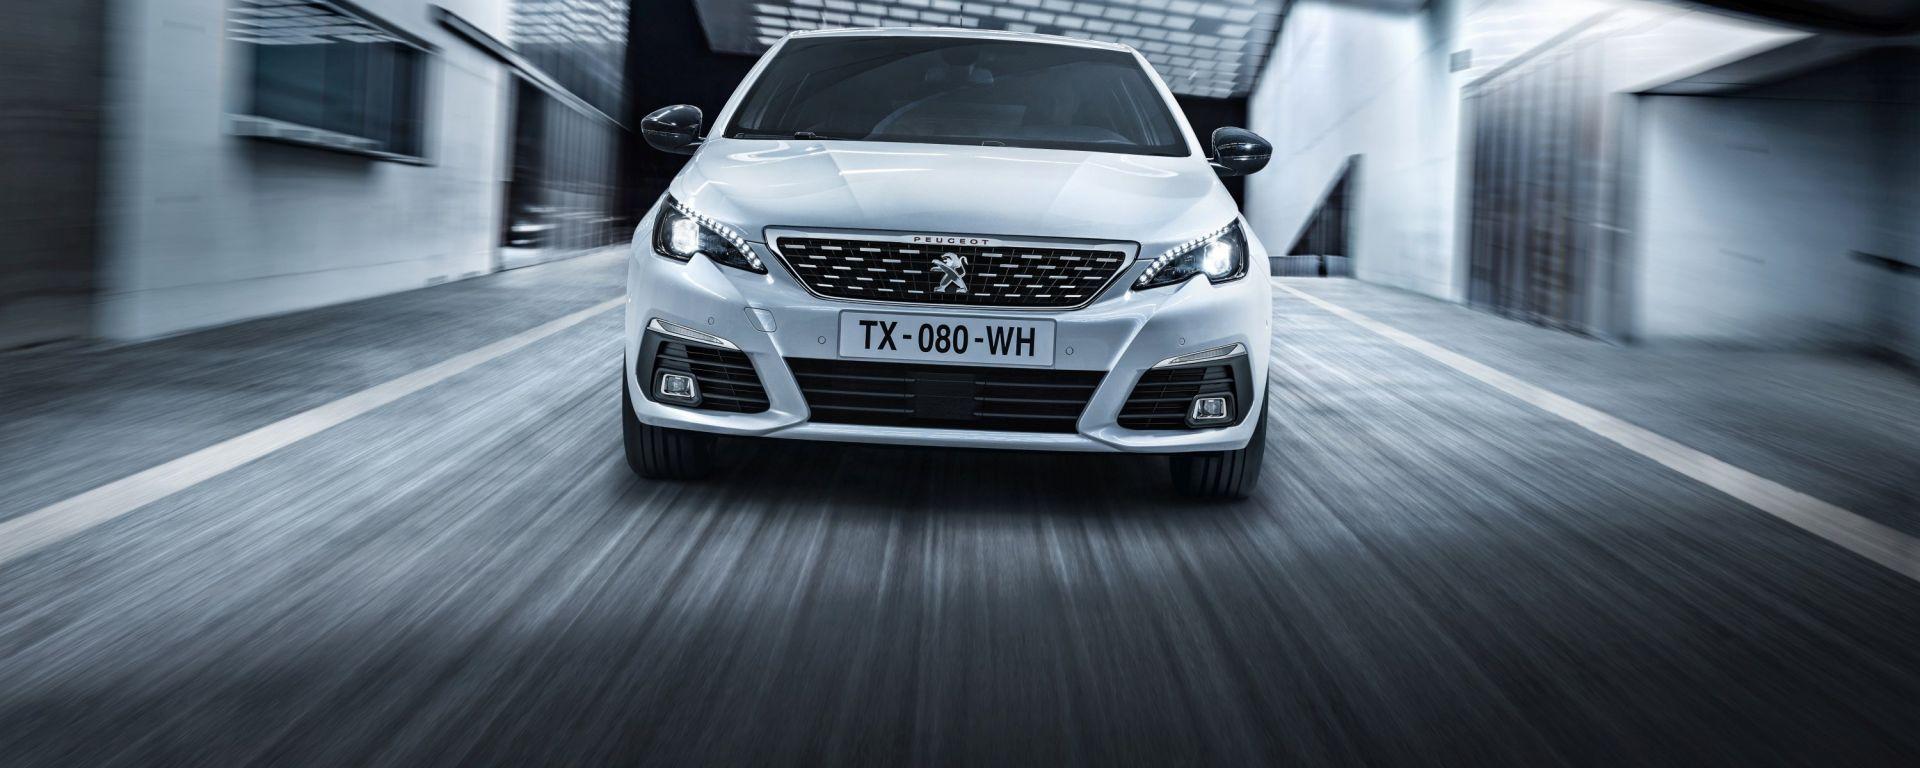 Peugeot 308: la nuova generazione arriva nel 2022